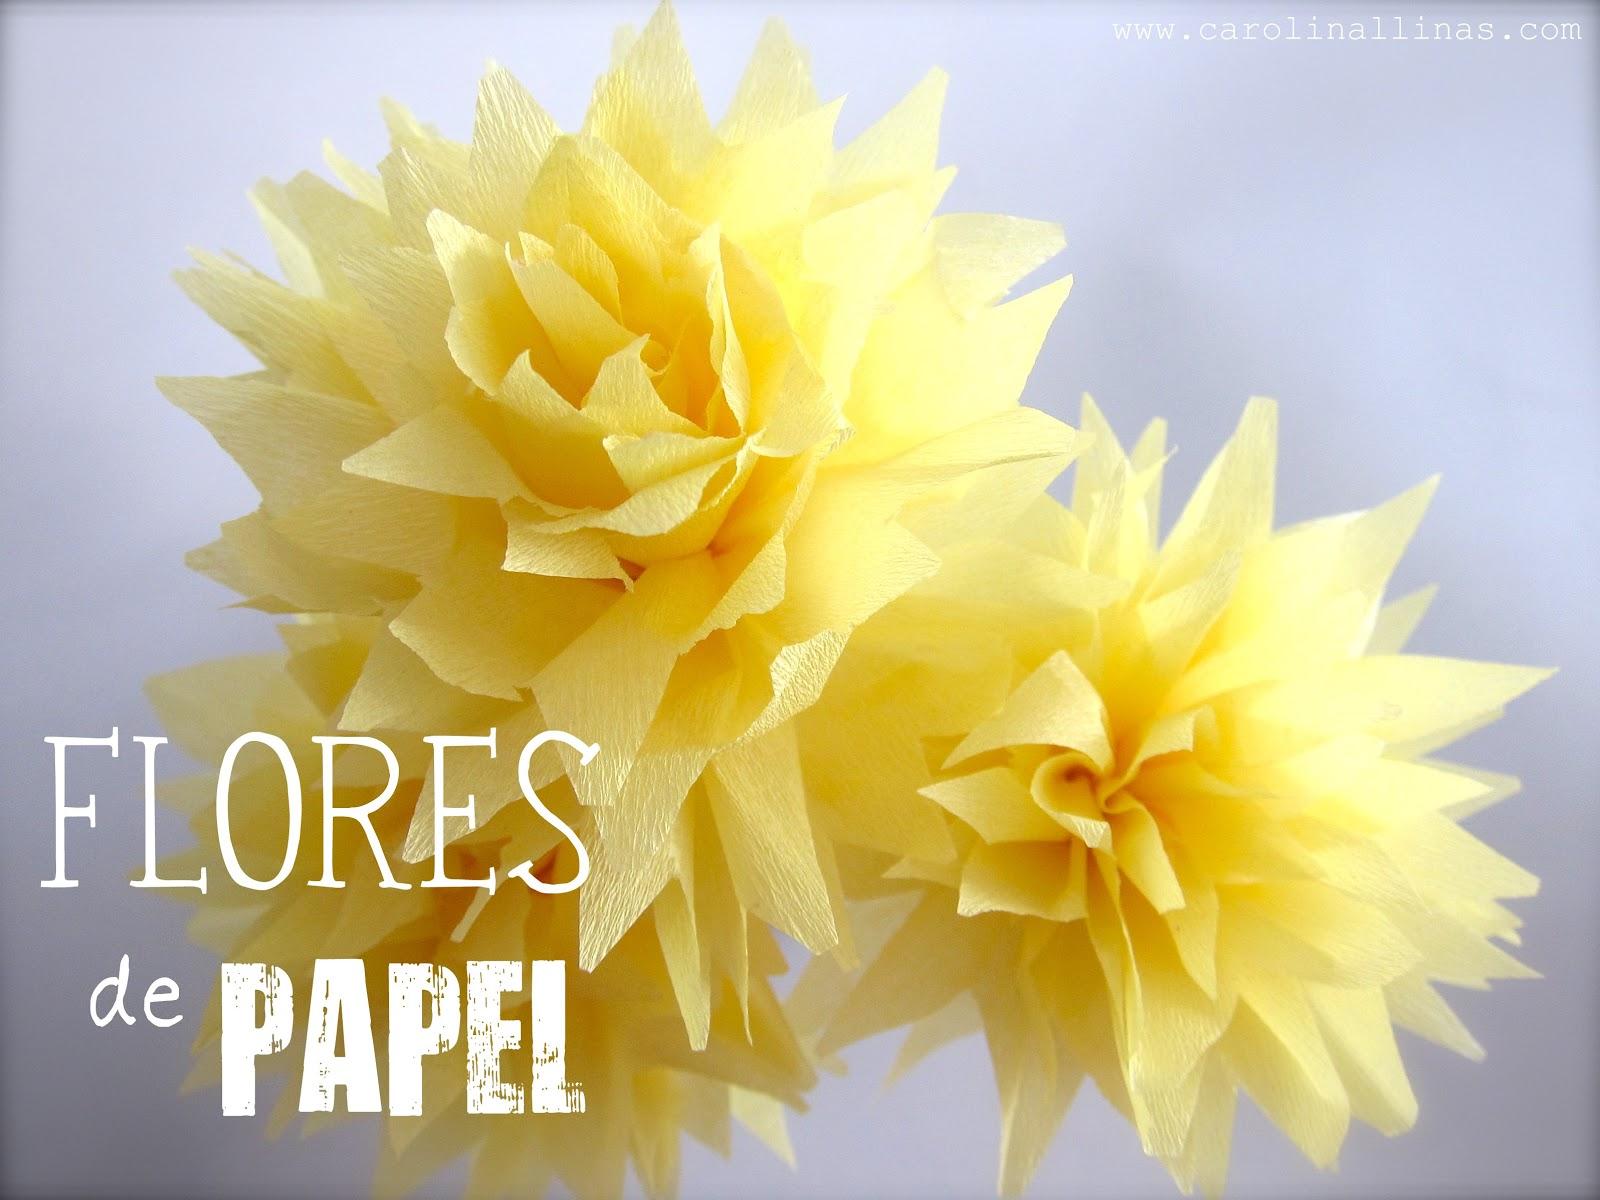 Flores en papel crepe como se hacen imagui - Como se hacen flores de papel ...